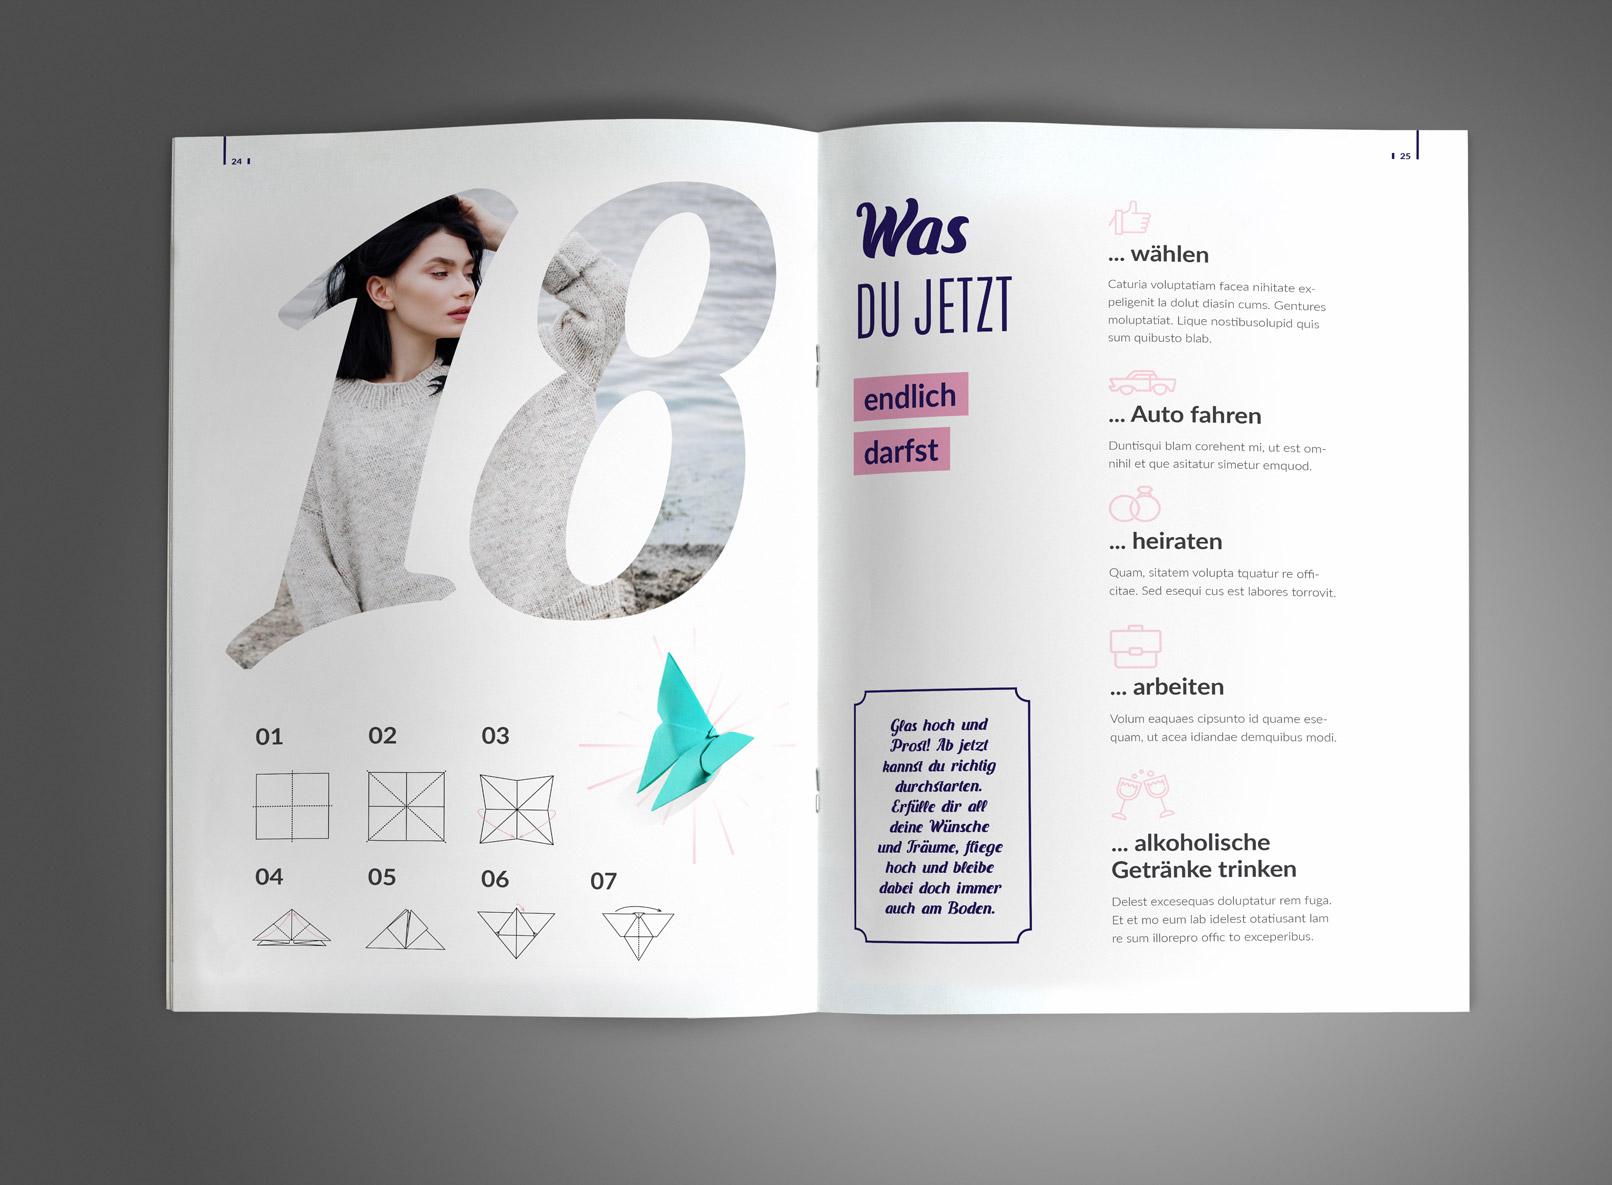 Beispielseiten der Vorlage zur Gestaltung einer Geburtstagszeitung